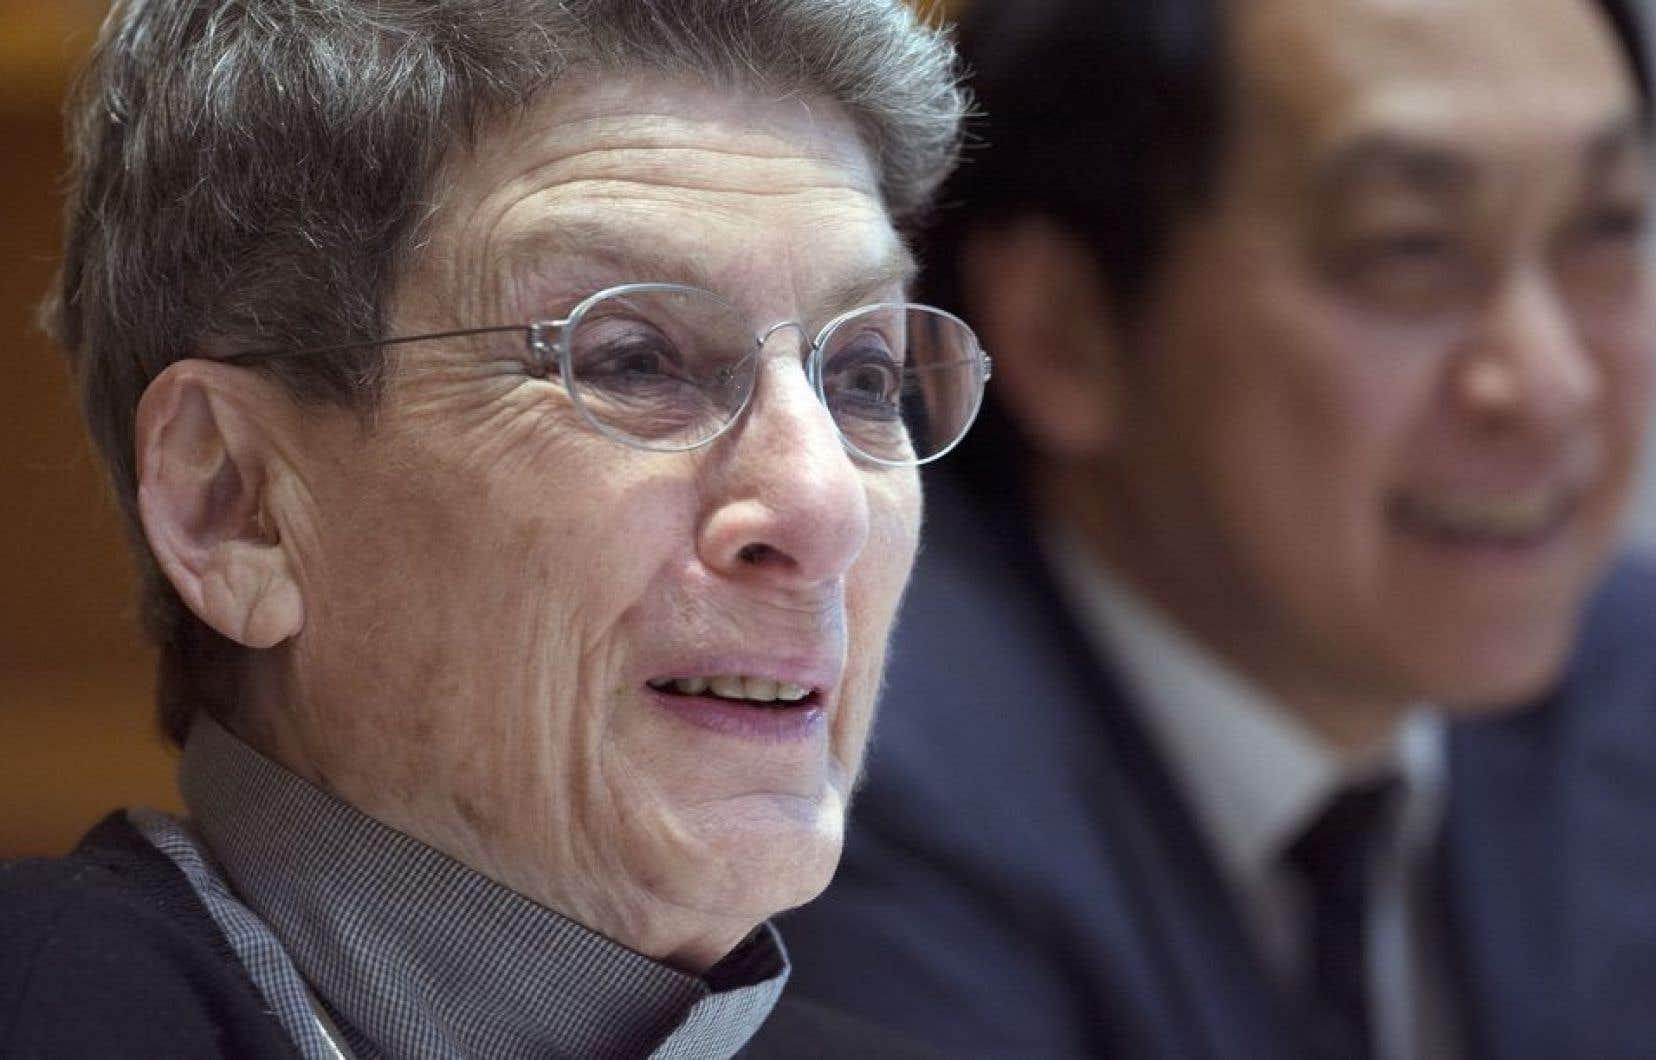 Au cours de sa carrière, Phyllis Lambert a reçu plusieurs prix et distinction et a obtenu des doctorats honorifiques dans une vingtaine d'universités en Amérique du Nord et en Europe.